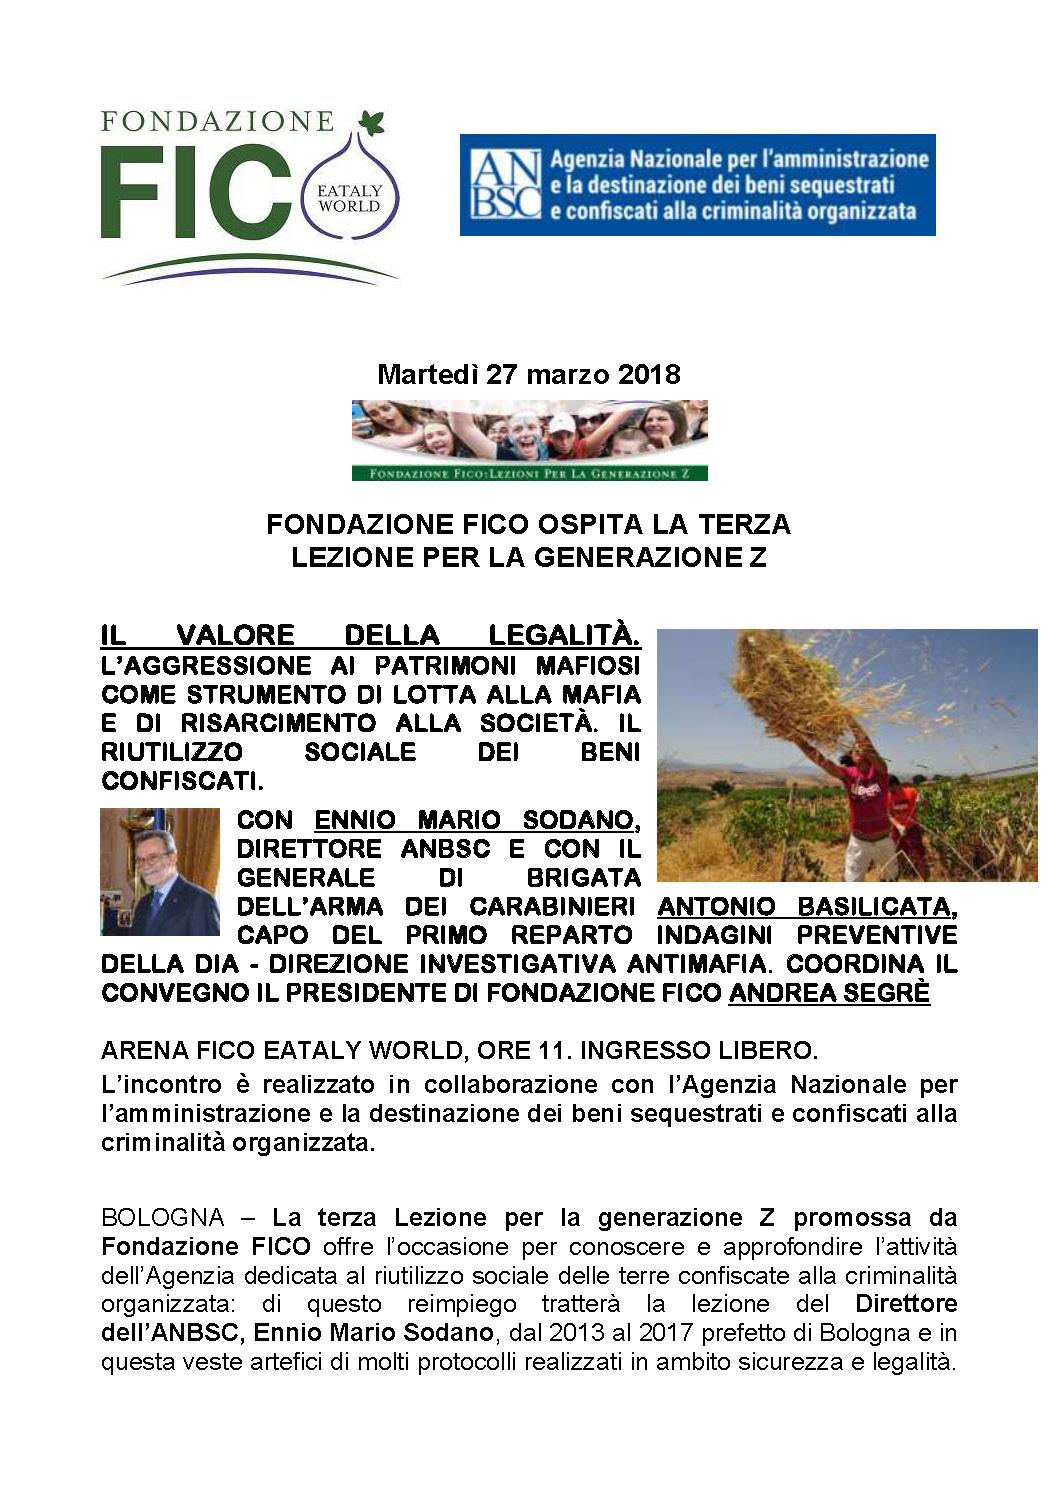 CS-0042-FondazioneFIco-27-03-2018-LEZIONE-VALORE-LEGALITA_Pagina_1